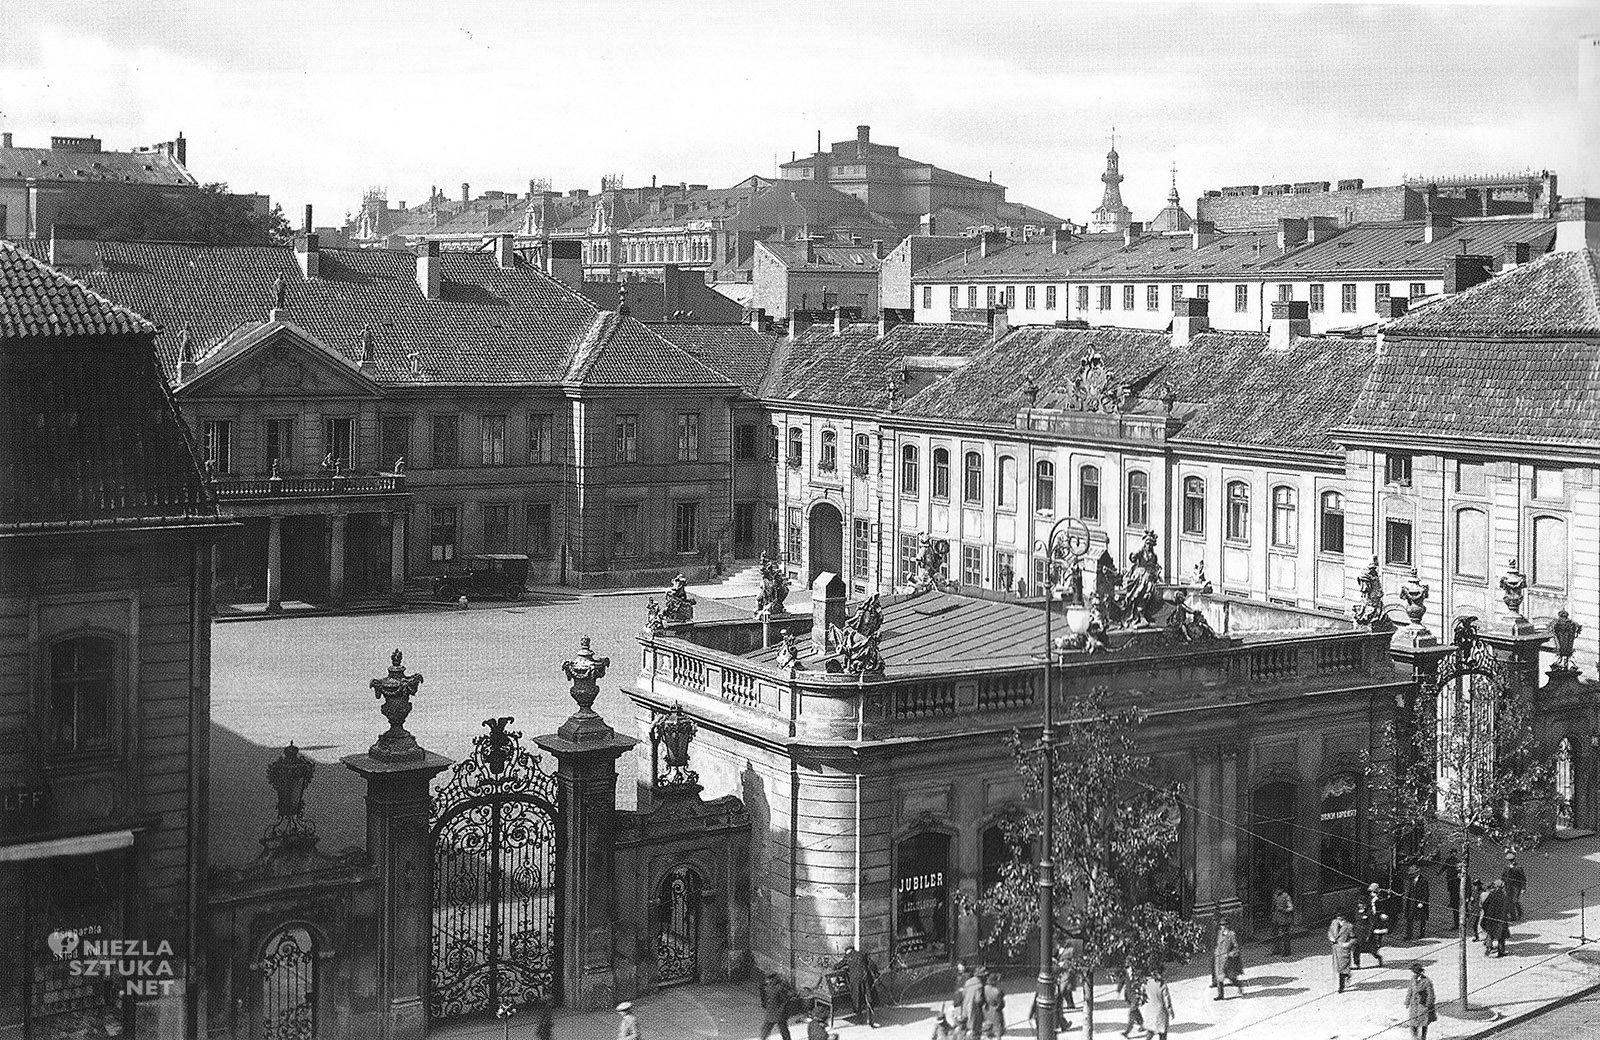 galeria kordegarda, pałac potockich, nck, niezła sztuka